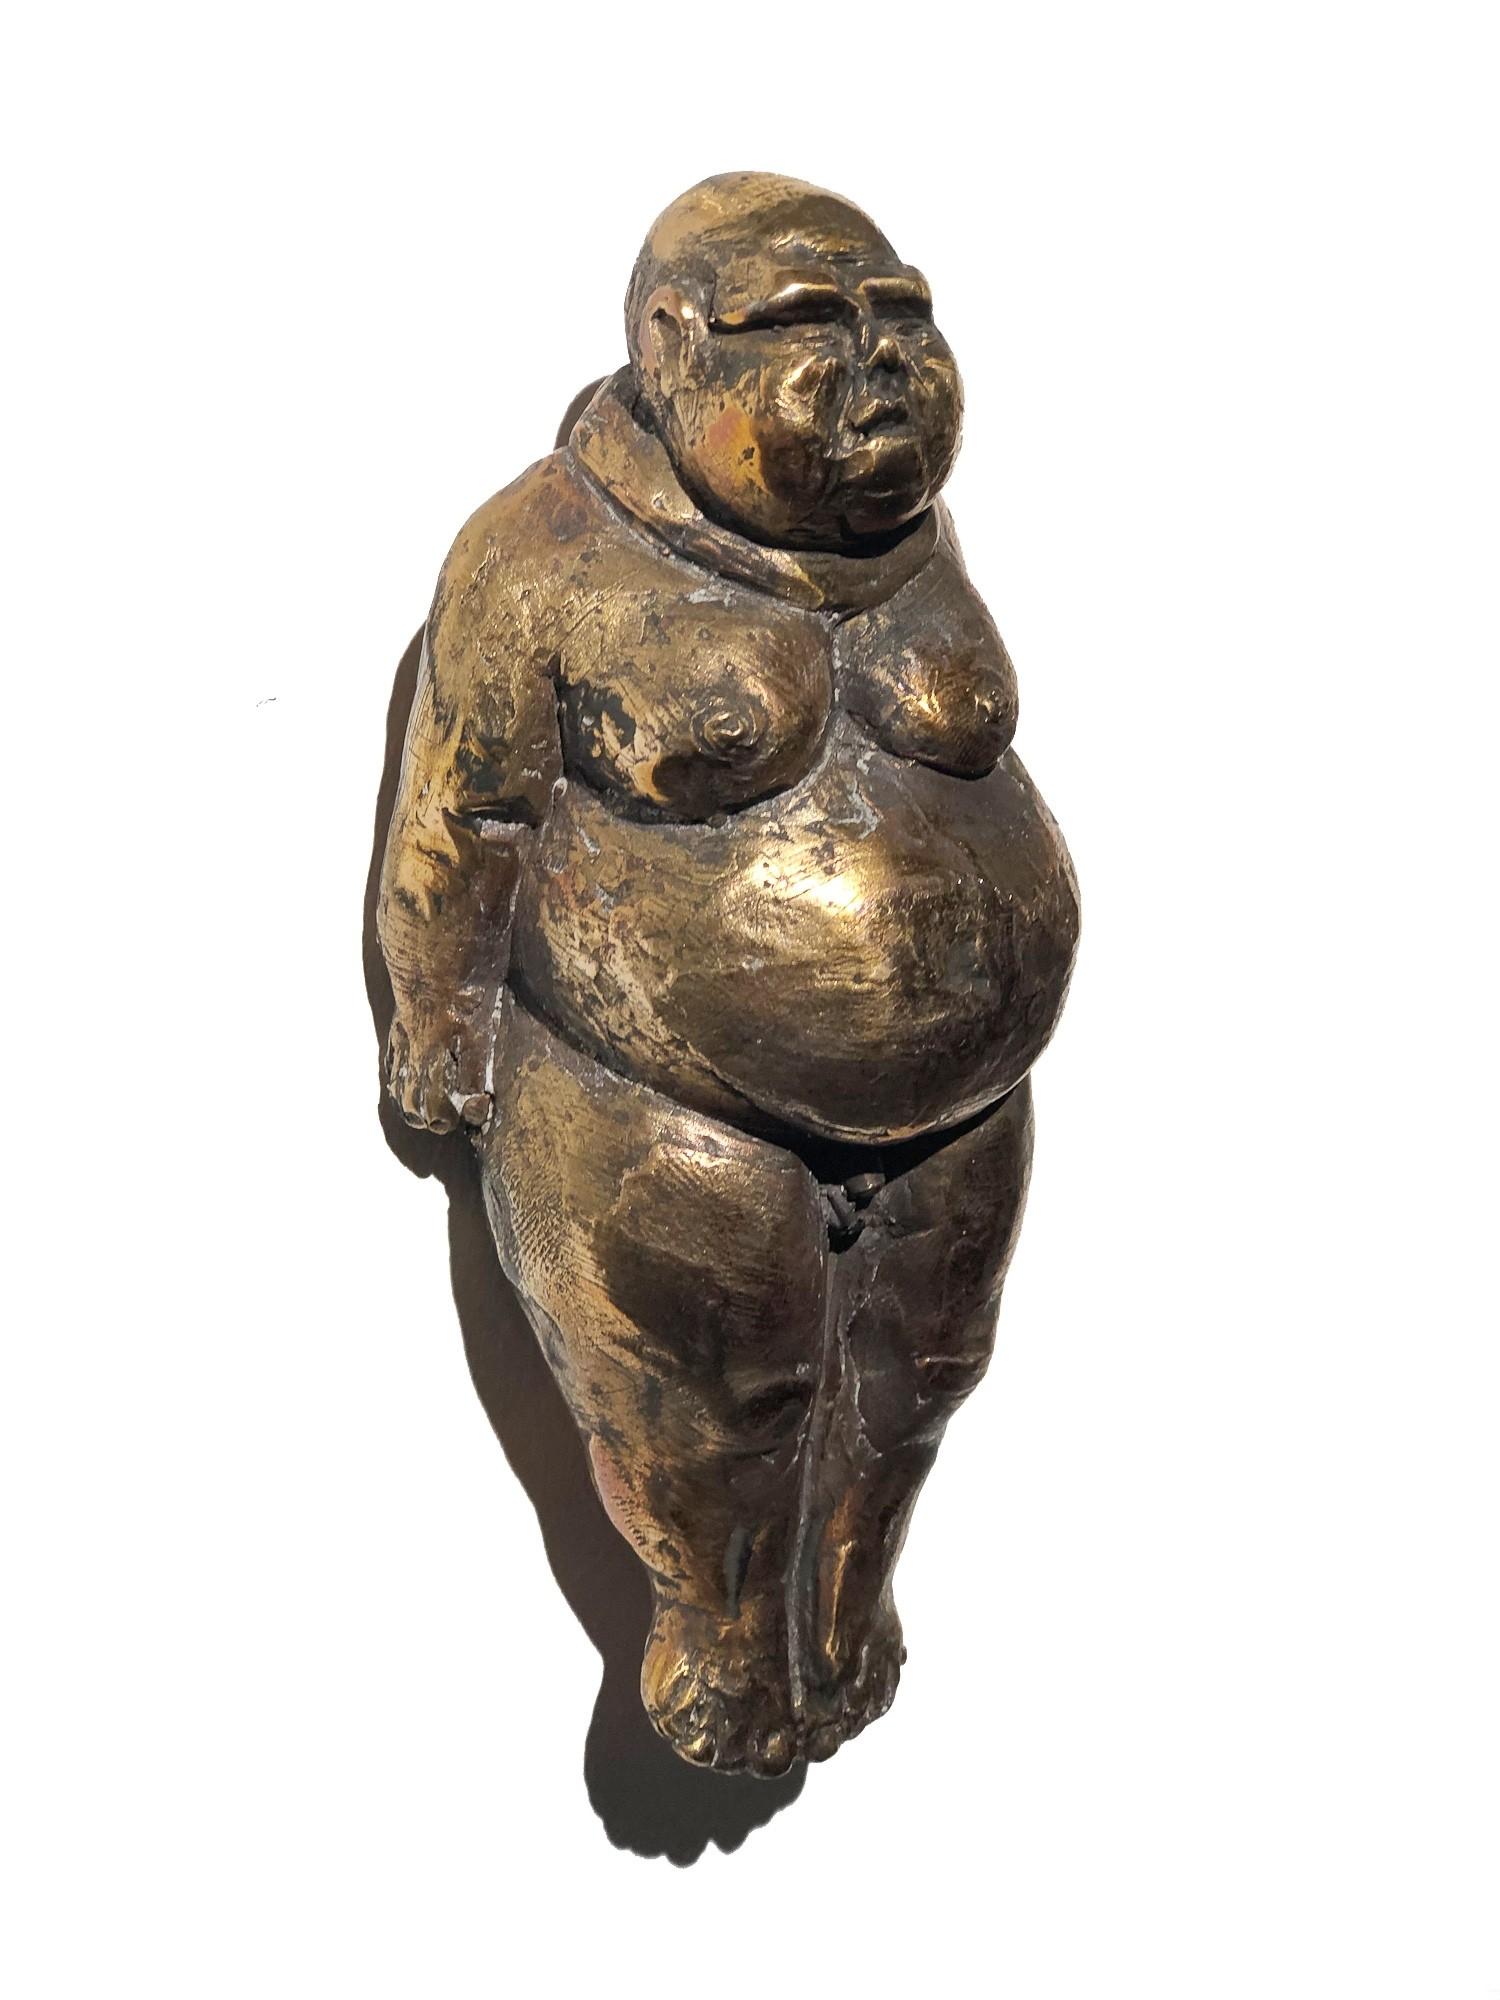 Die Made - seitlich, Bronze Plastik, Skulptur von Tim David Trillsam